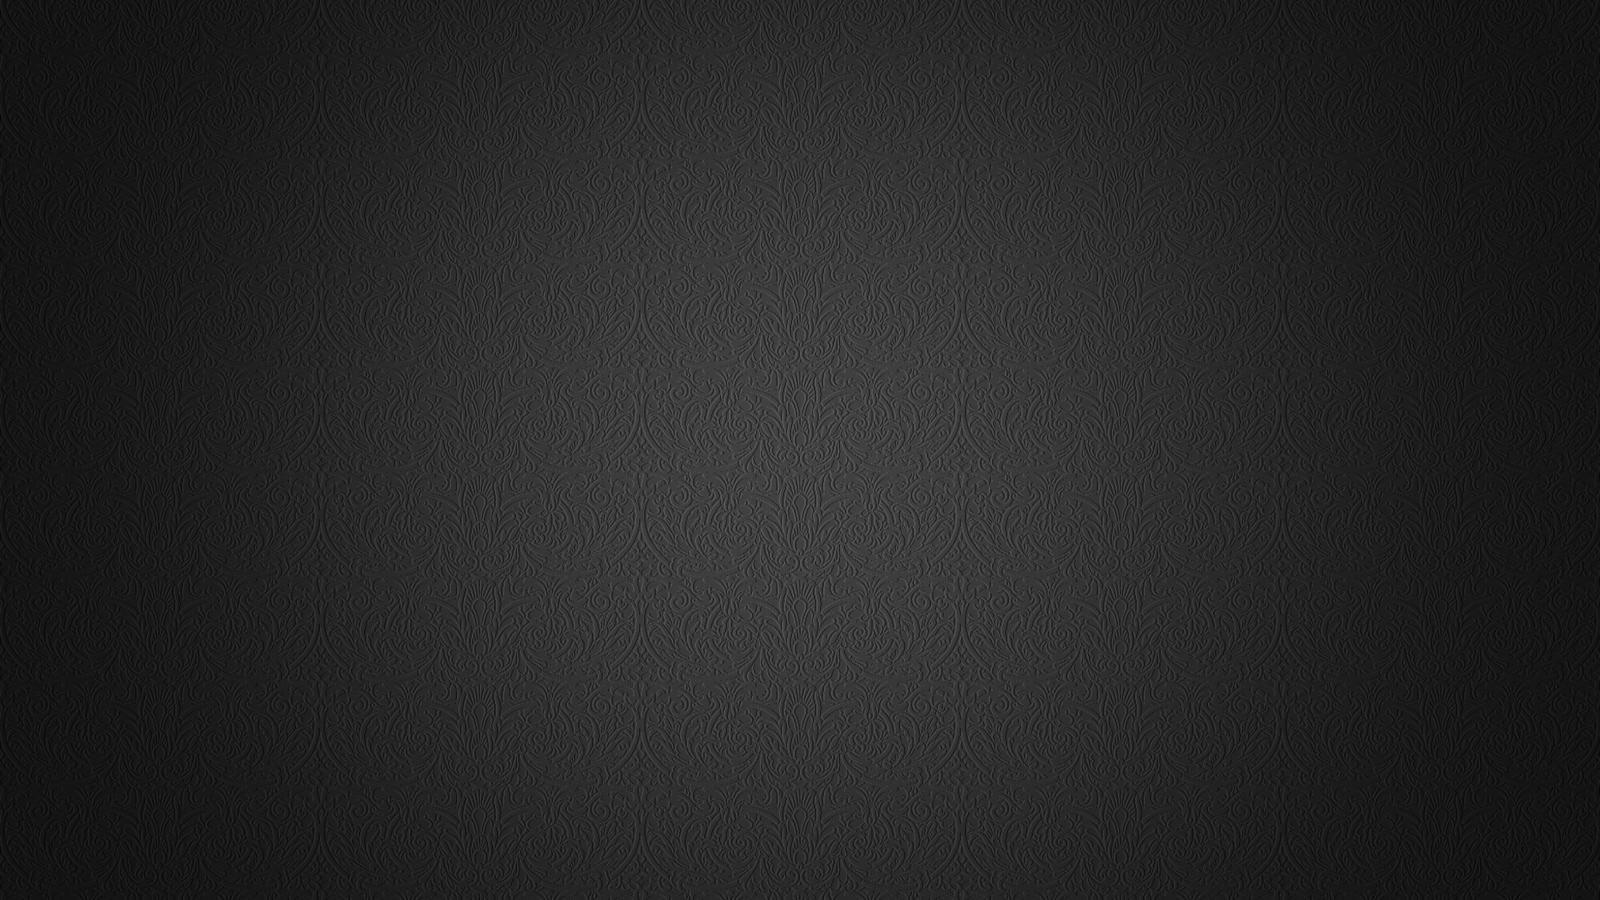 بالصور خلفيات ساده , خلفيات التصميم والفوتوشوب 4834 2